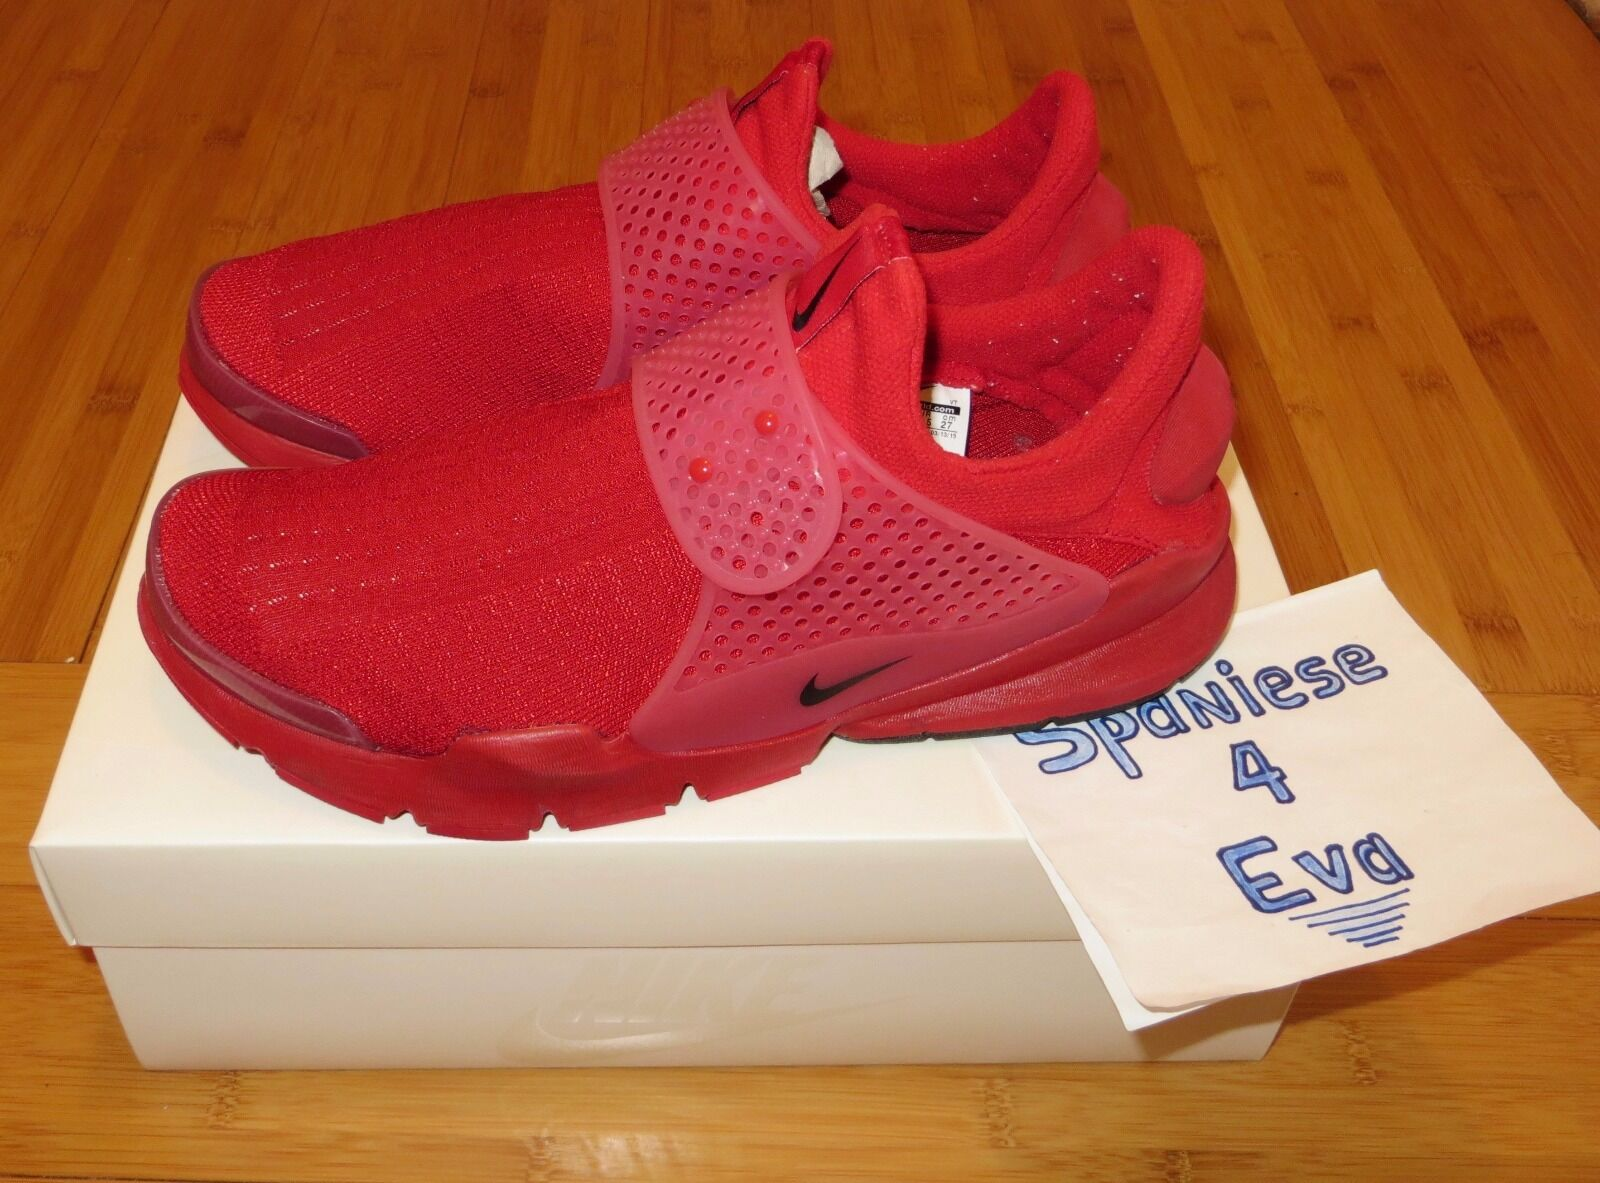 Nike sock dardo giorno dell'indipendenza red taglia 9 686058-660